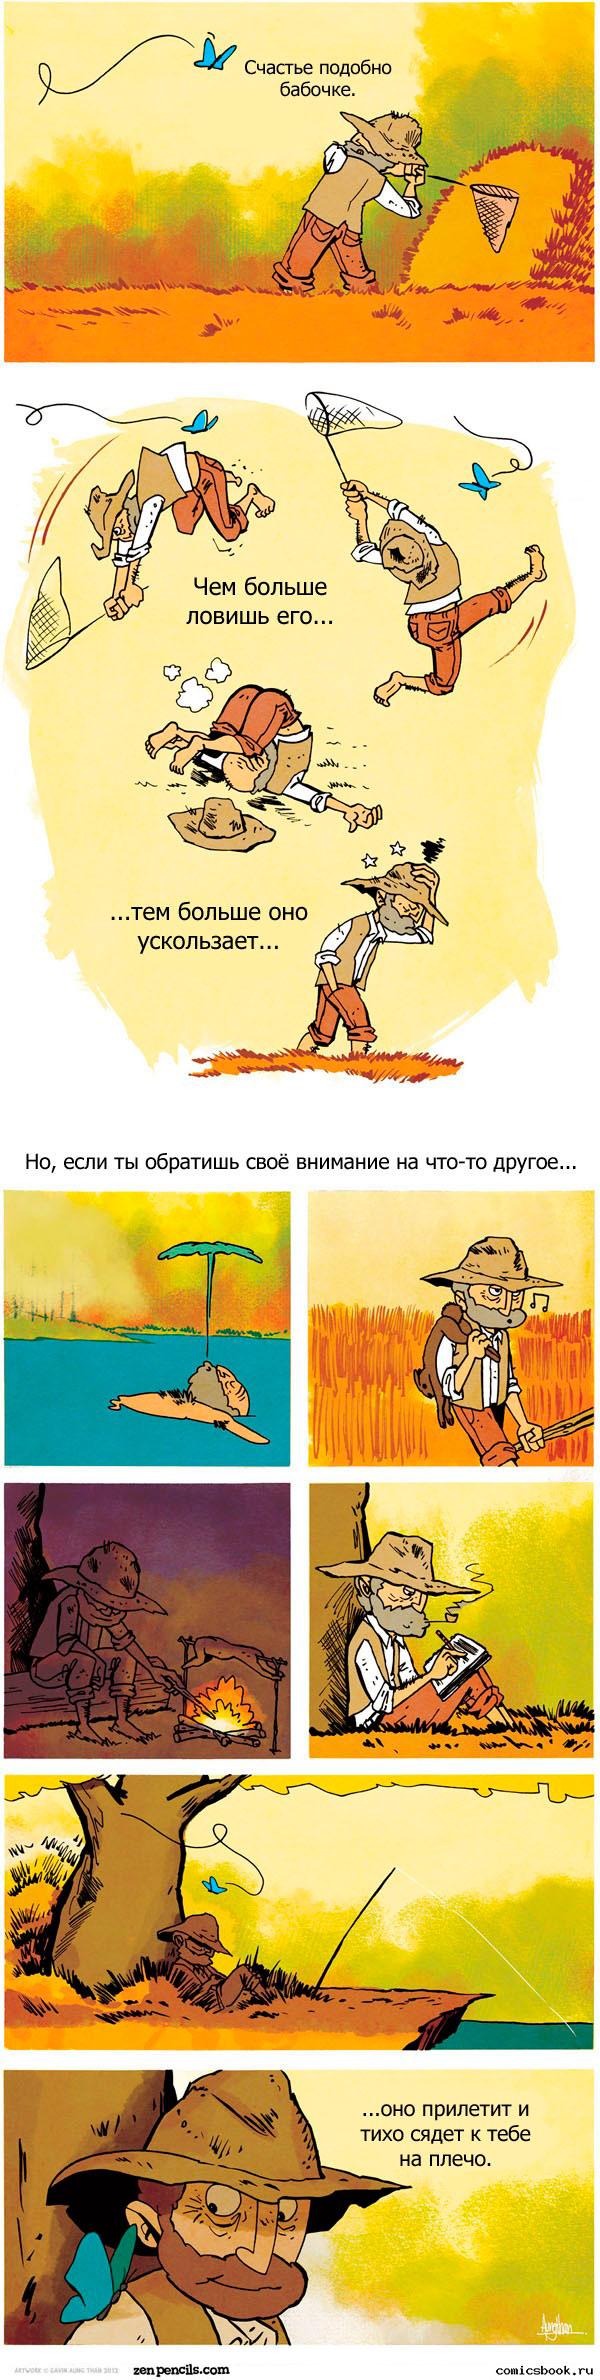 v_poiskax_schastya_1